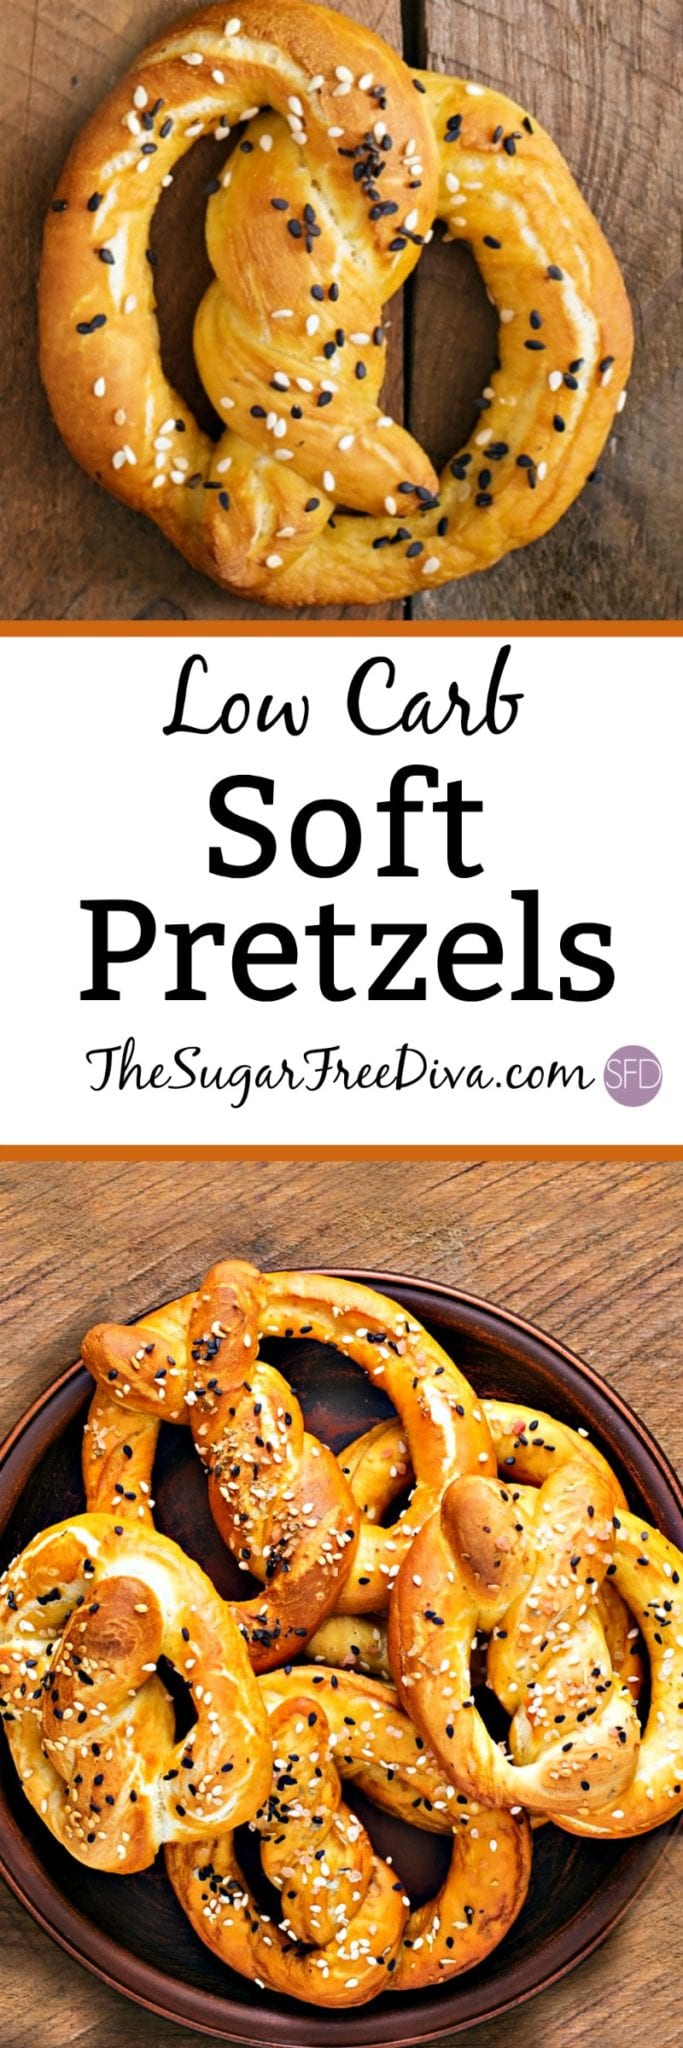 Homemade Low Carb Soft Pretzels